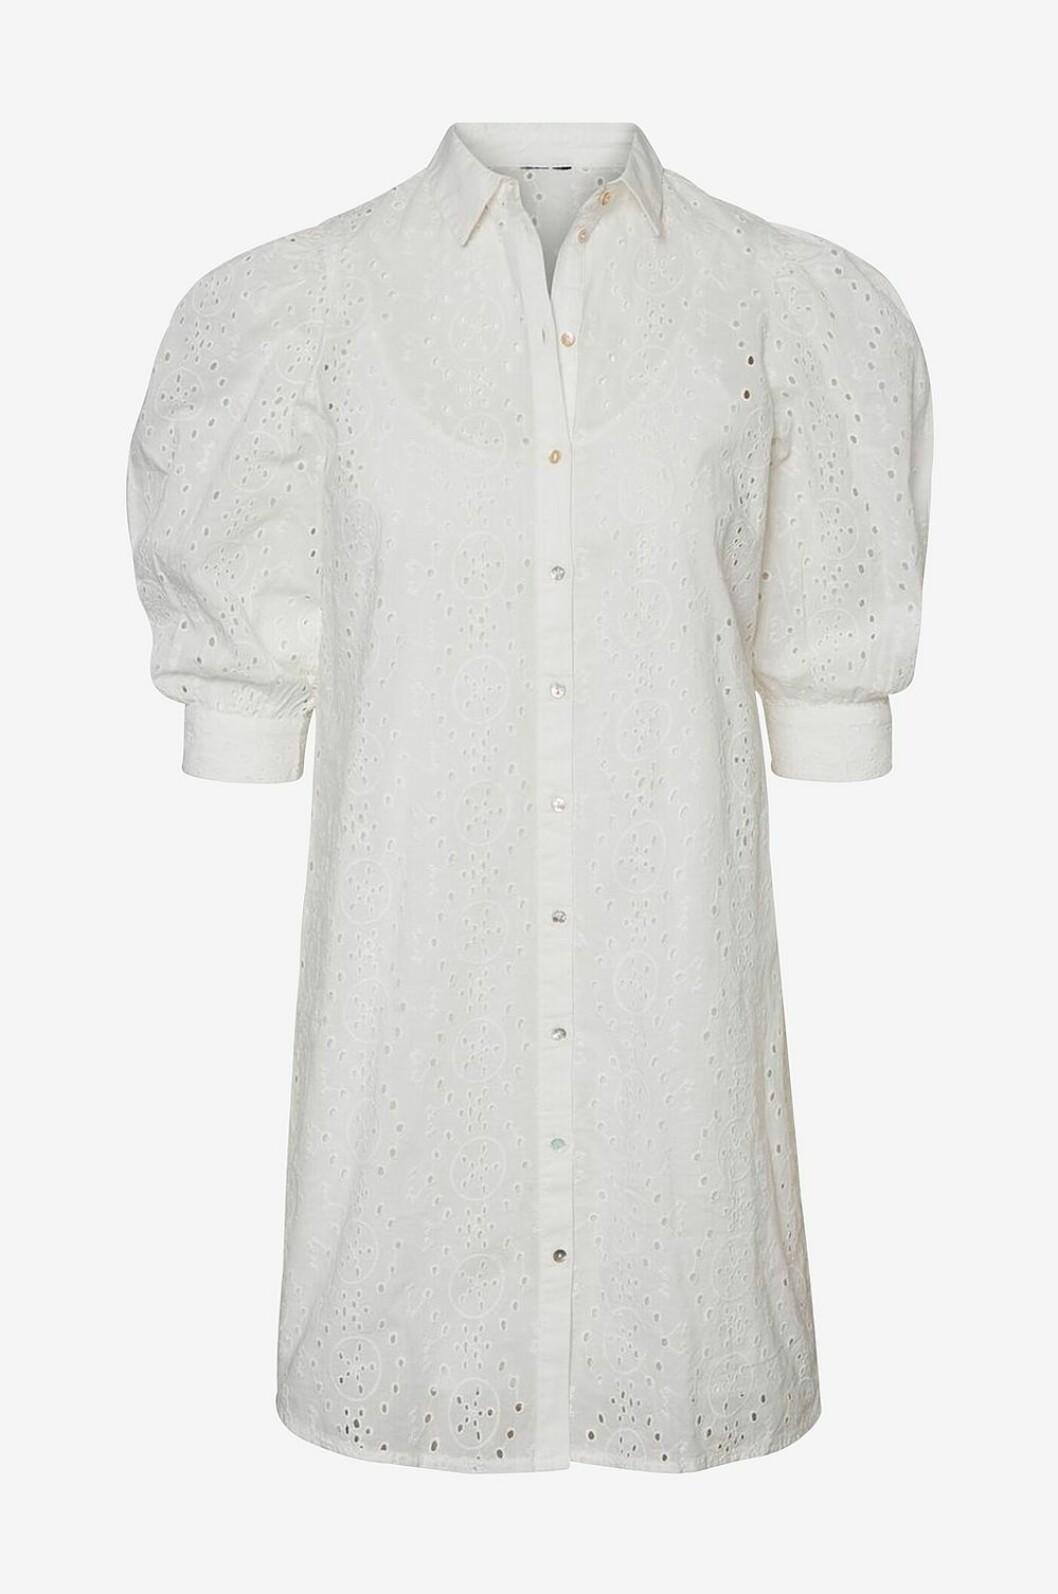 Vit skjortklänning i spets med puffärm till 2020